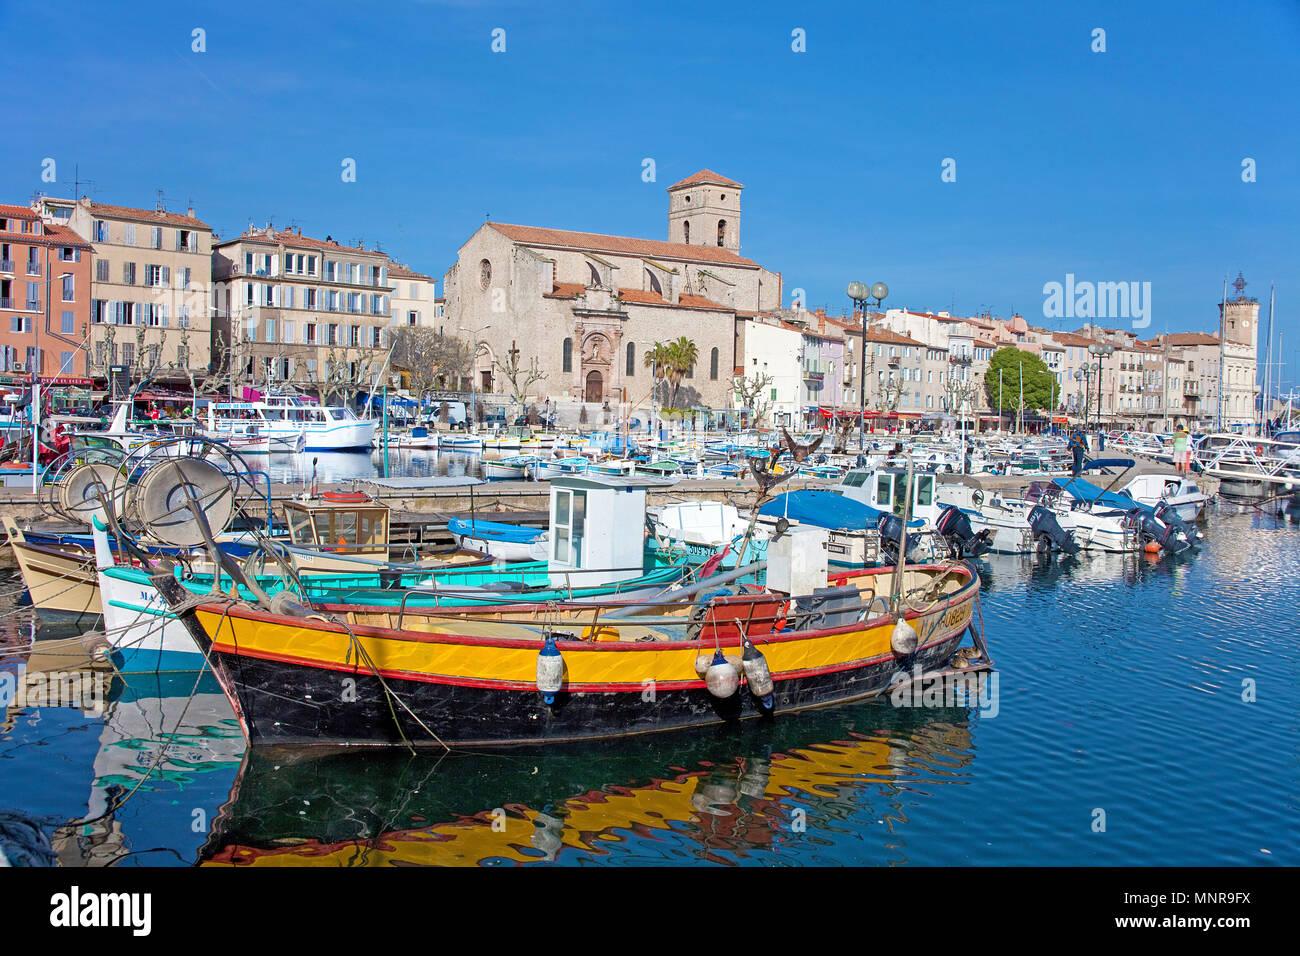 Harbour of La Ciotat, Bouches-du-Rhone, Provence-Alpes-Côte d'Azur, South France, France, Europe Stock Photo